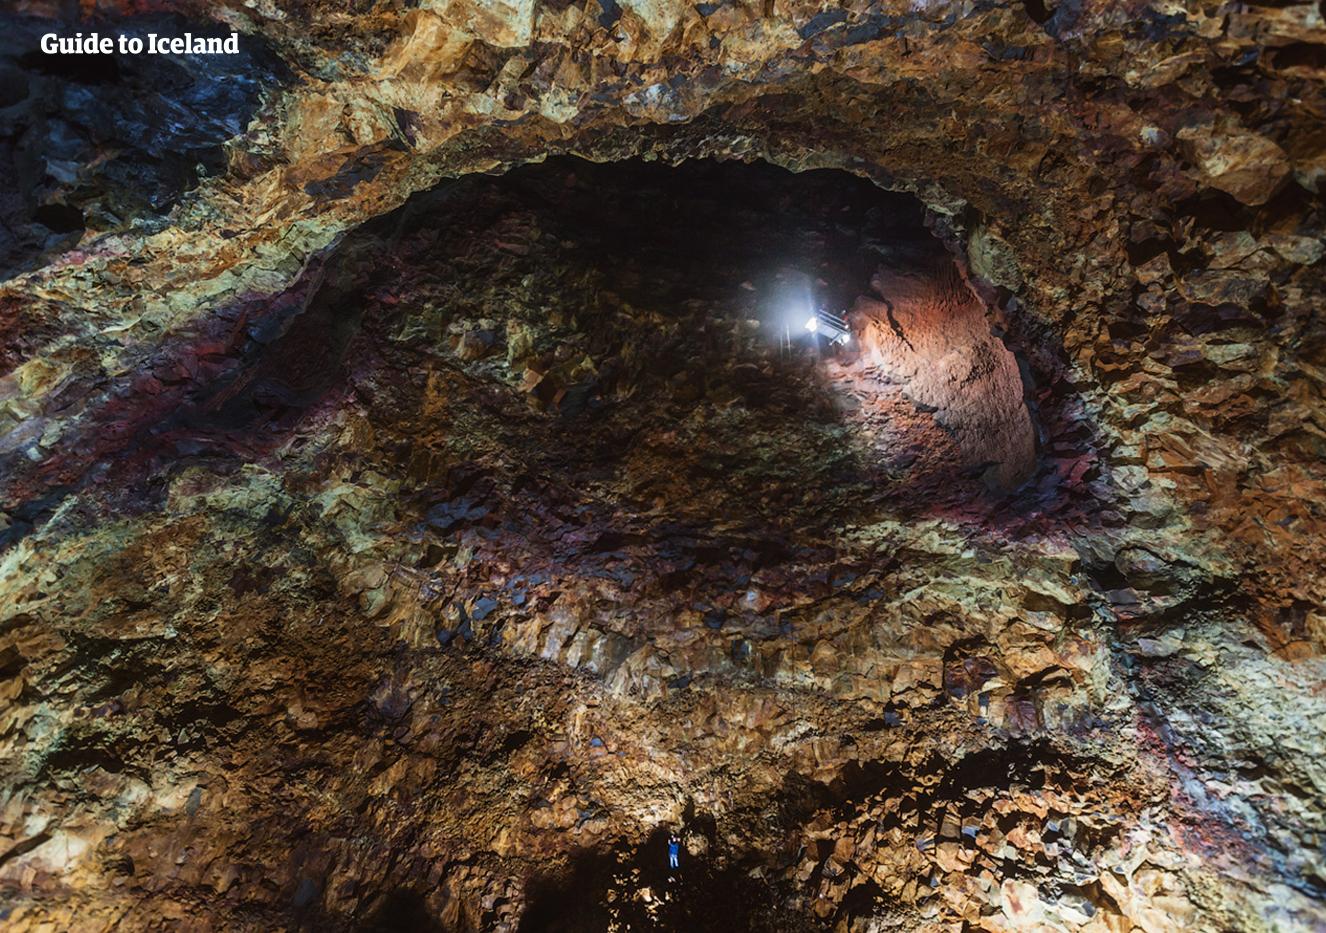 参加火山内部遨游,深入色彩斑斓的岩浆房内部,领略冰岛的火之一面。